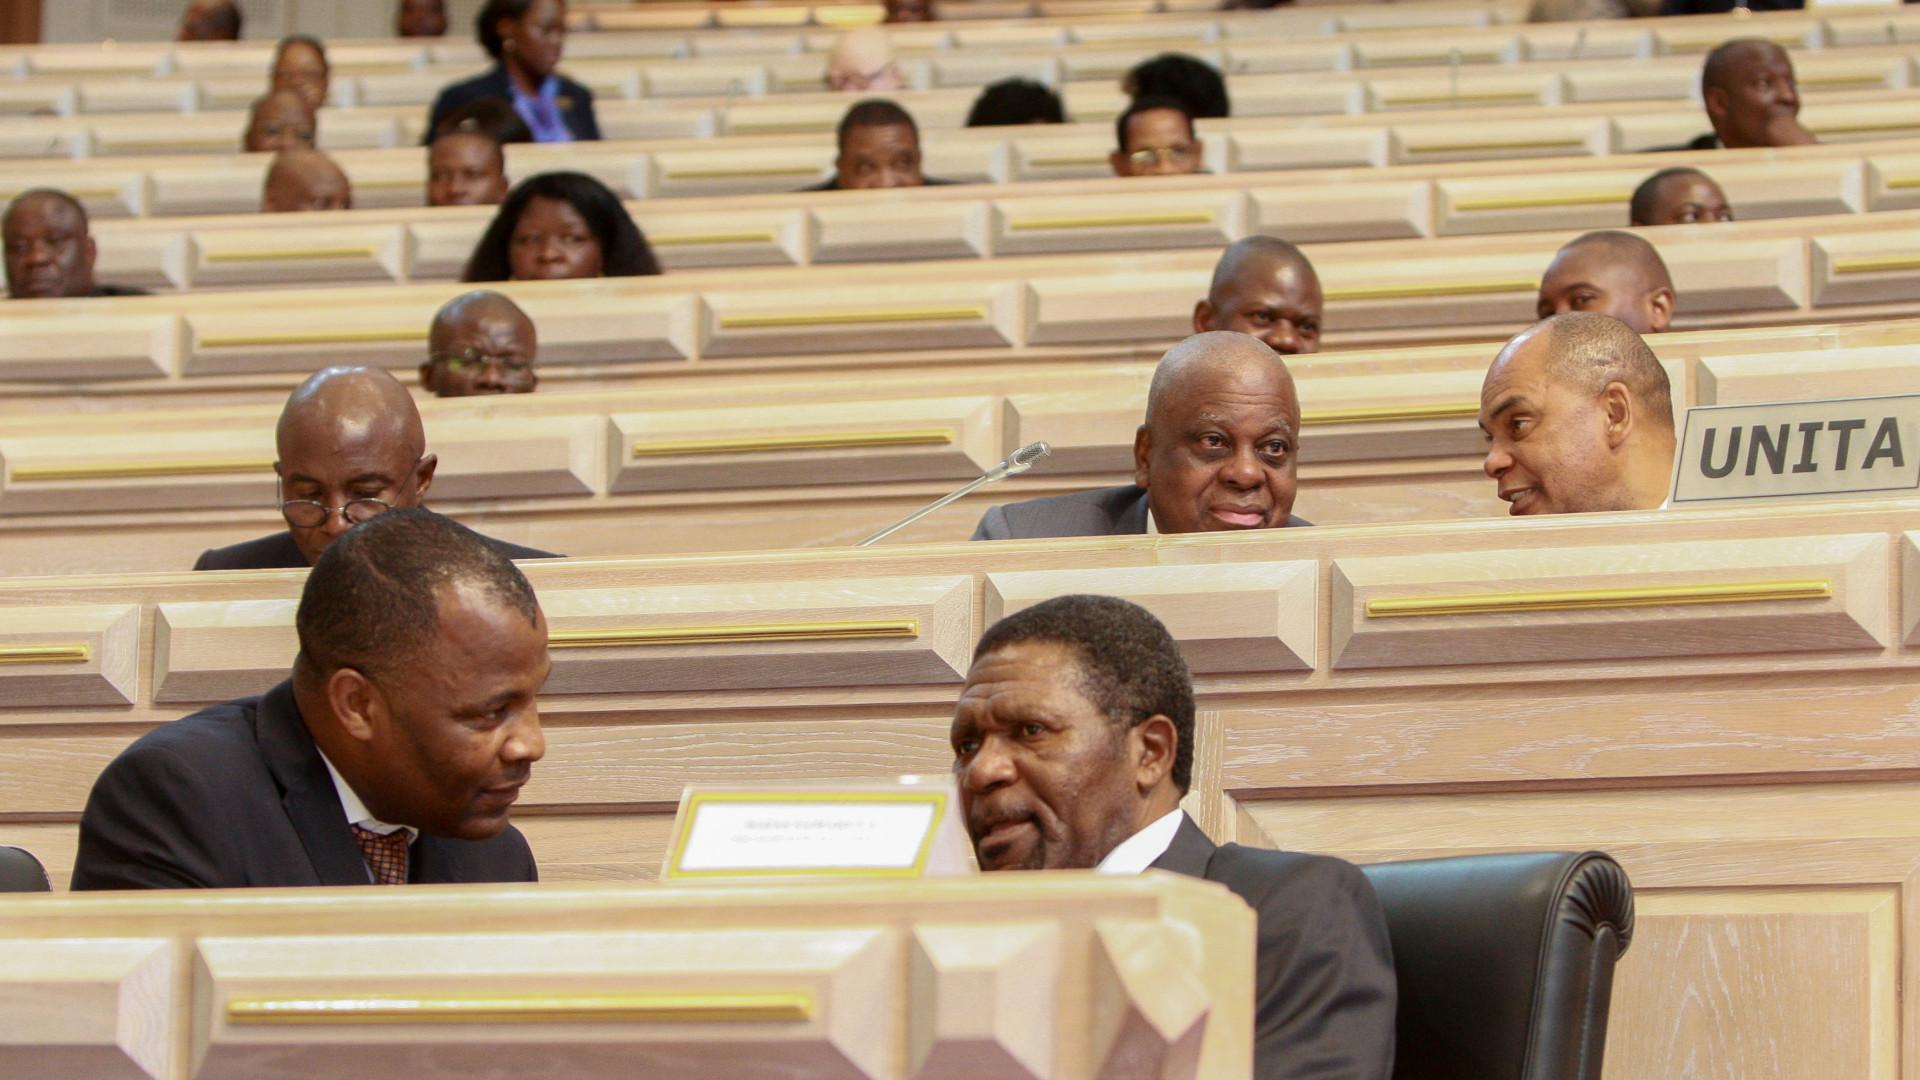 Parlamento reprova proposta da UNITA para trazer para Angola capitais